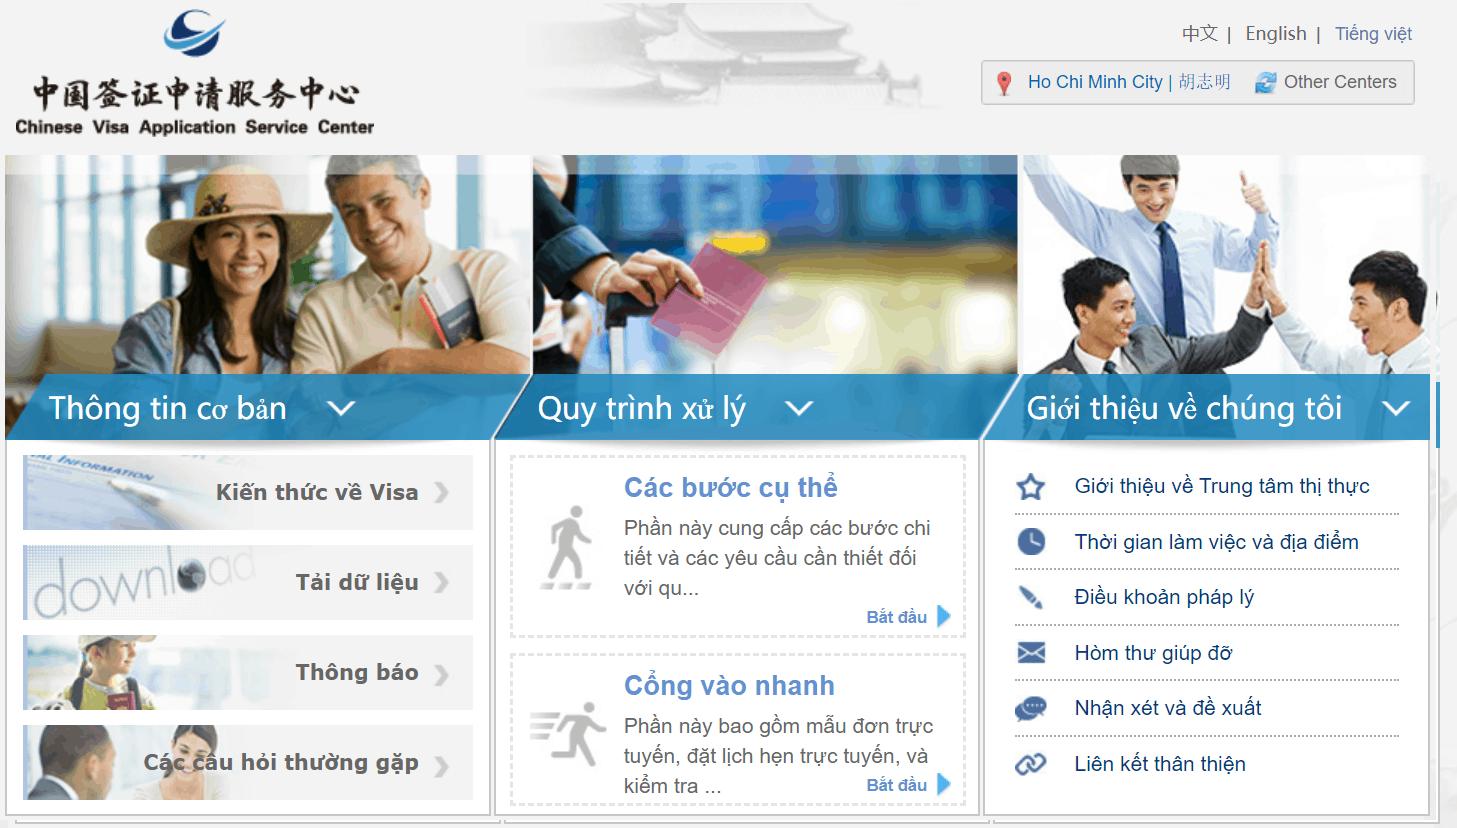 dat-lich-hen-xin-visa-trung-quoc